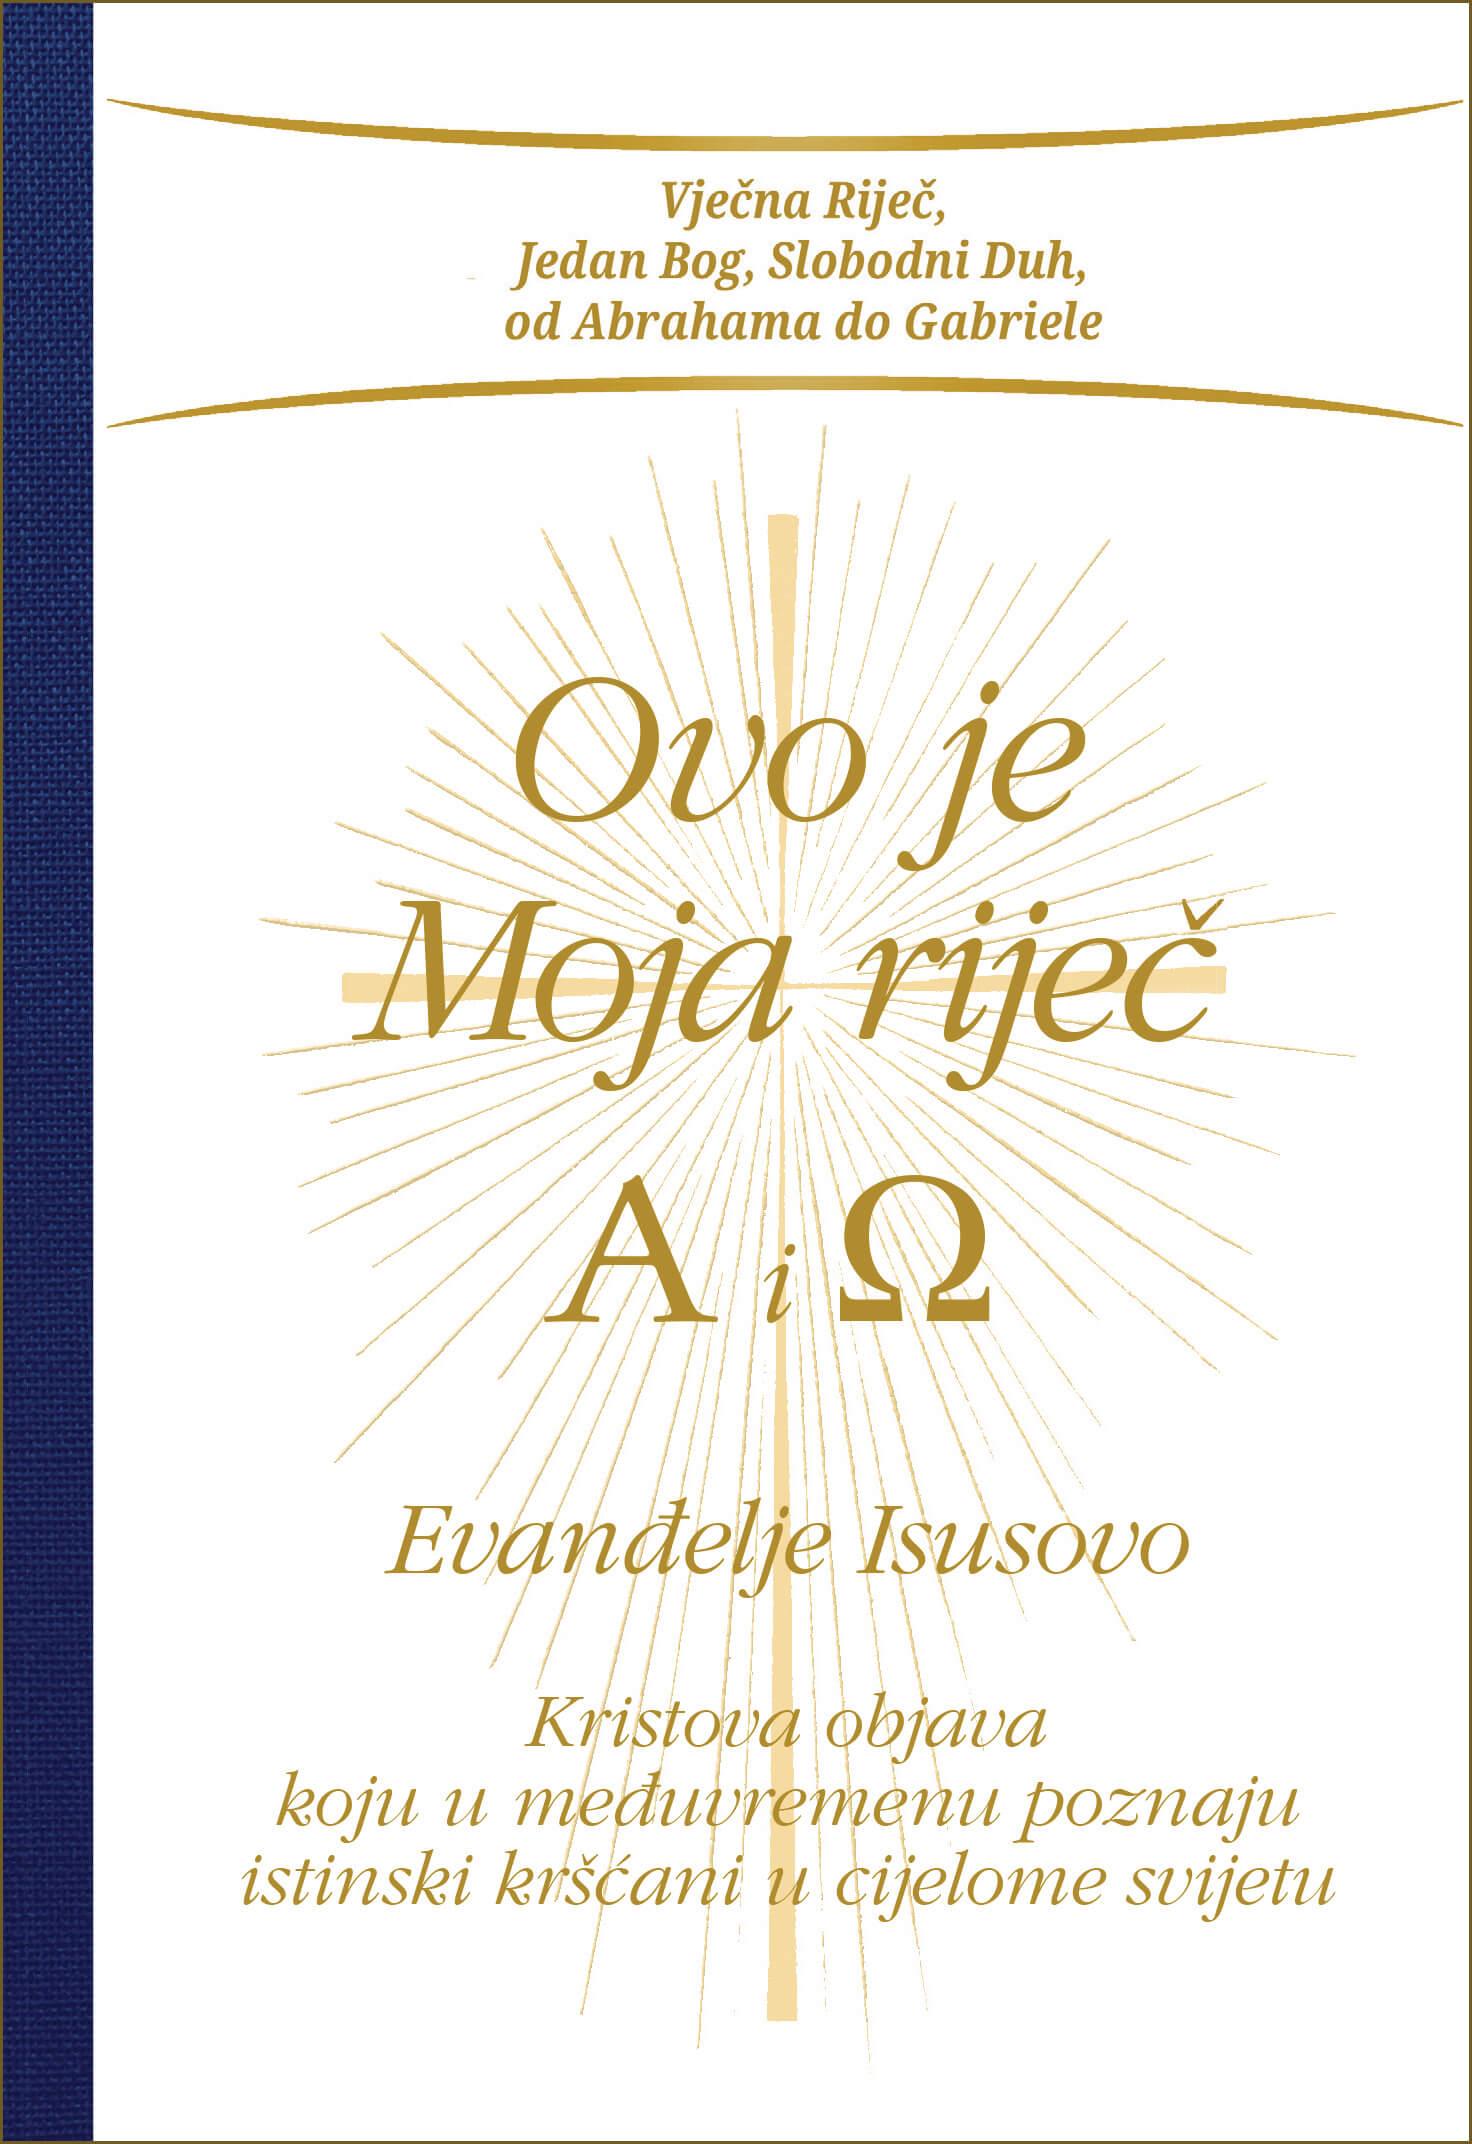 Ovo je Moja riječ - Alfa i Omega